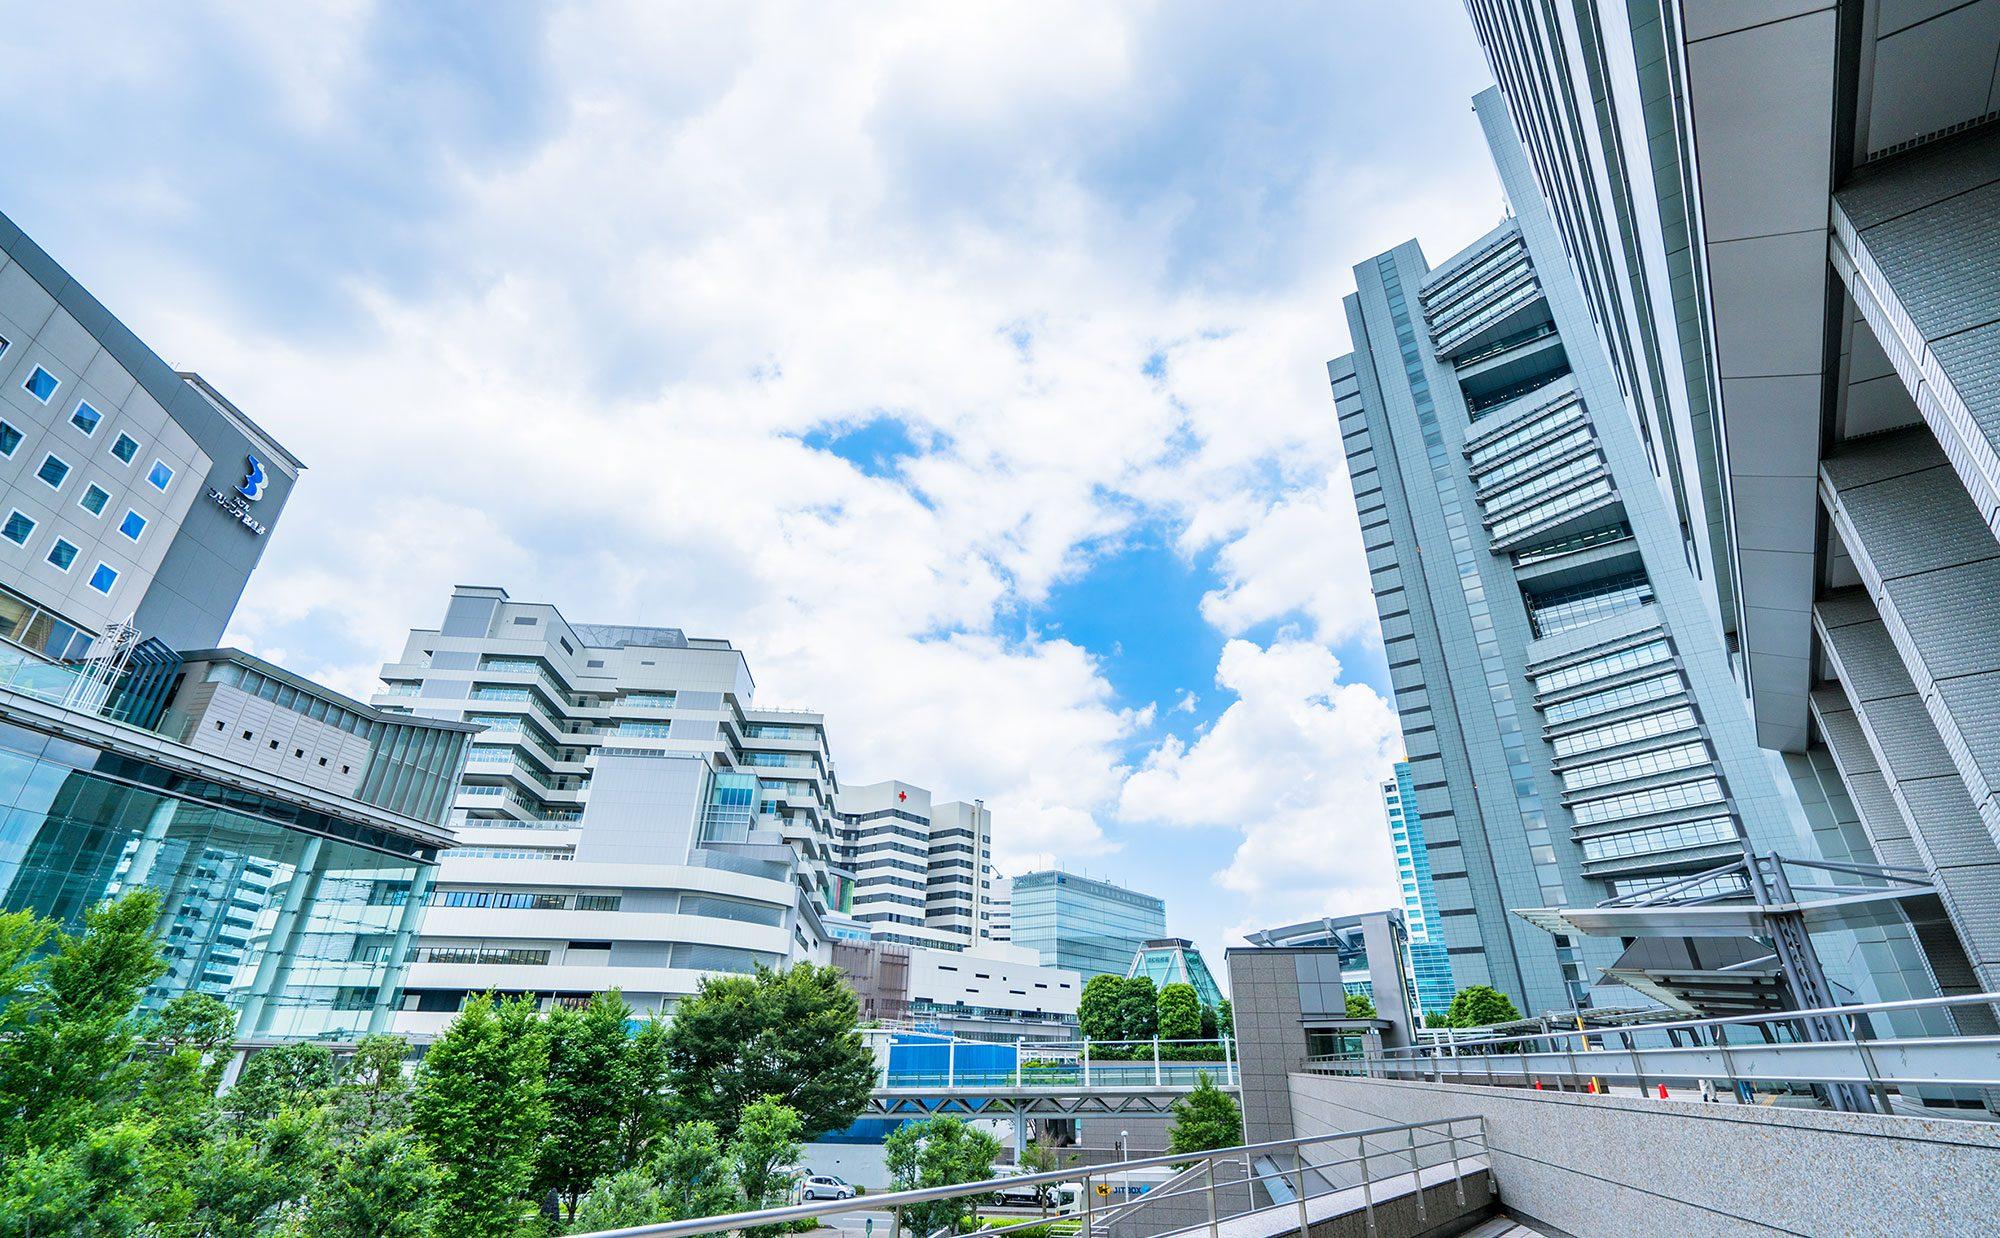 お金をかけずに遊べるファミリースポット10選! 埼玉マニアのママが語る、埼玉の住みやすさ